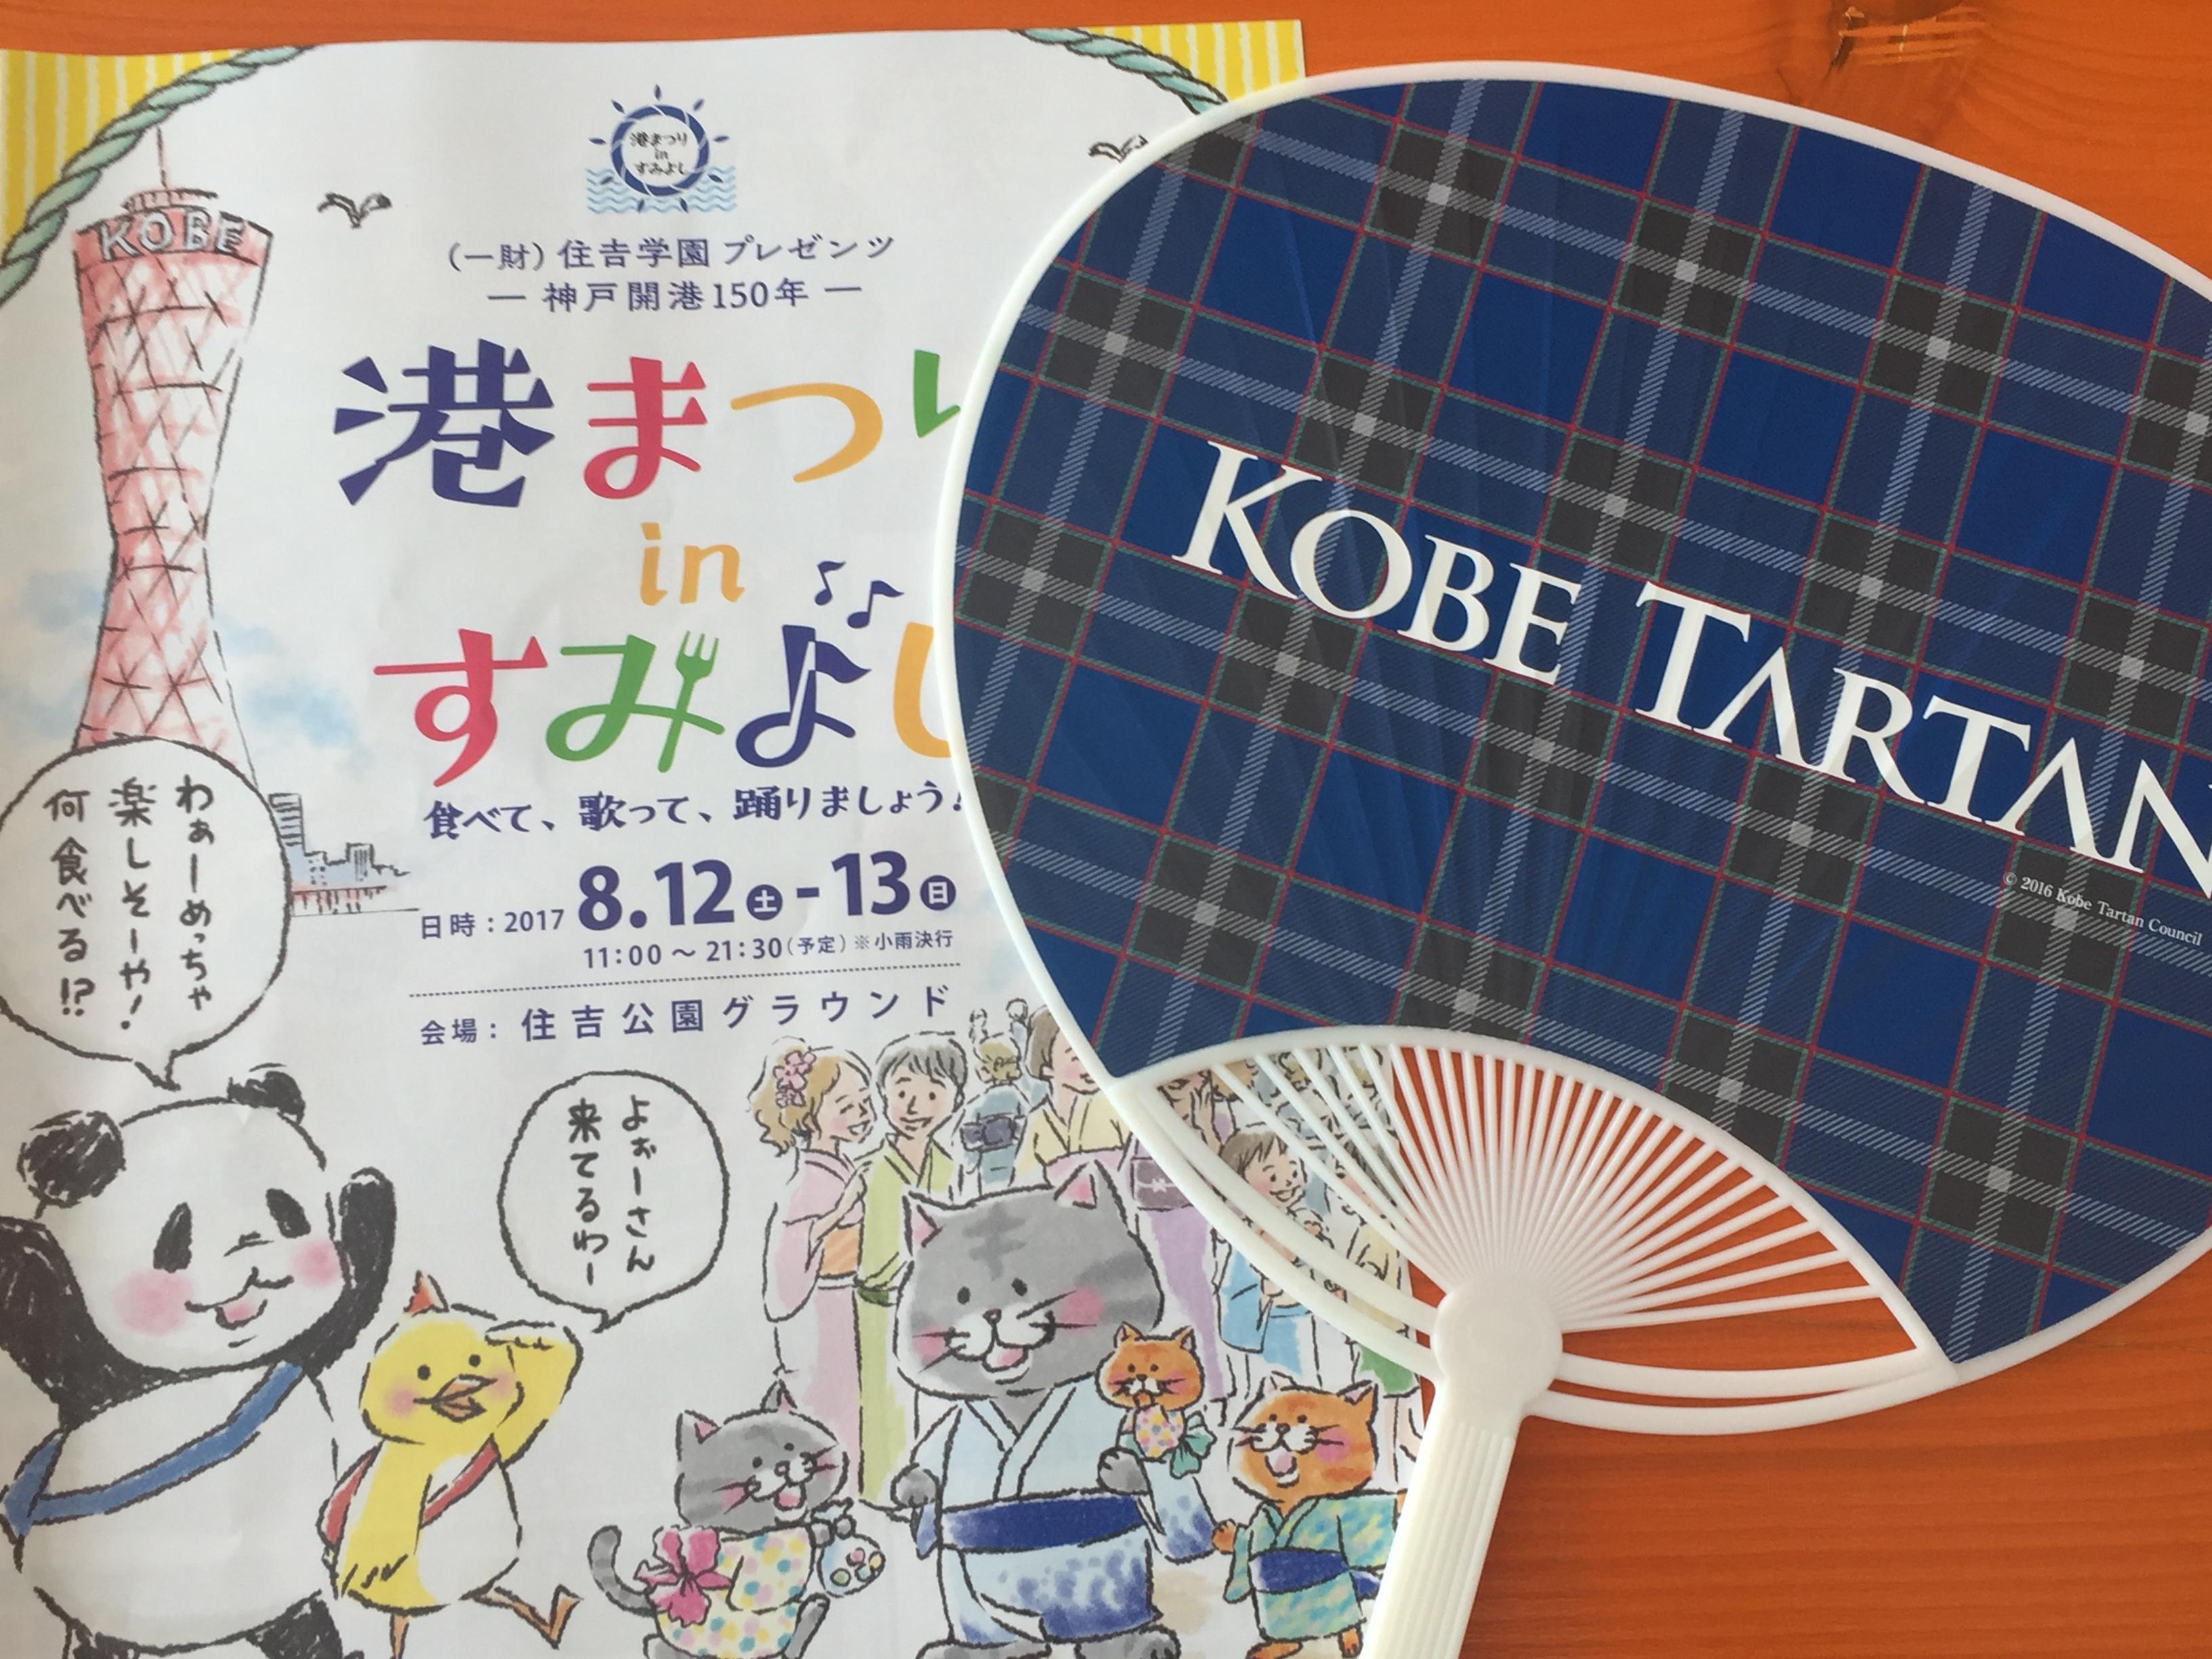 ※写真追加更新!神戸・住吉公園で「港まつり in すみよし」が8/12・8/13に開催!スペシャルコンサートもあるよ #神戸開港150年